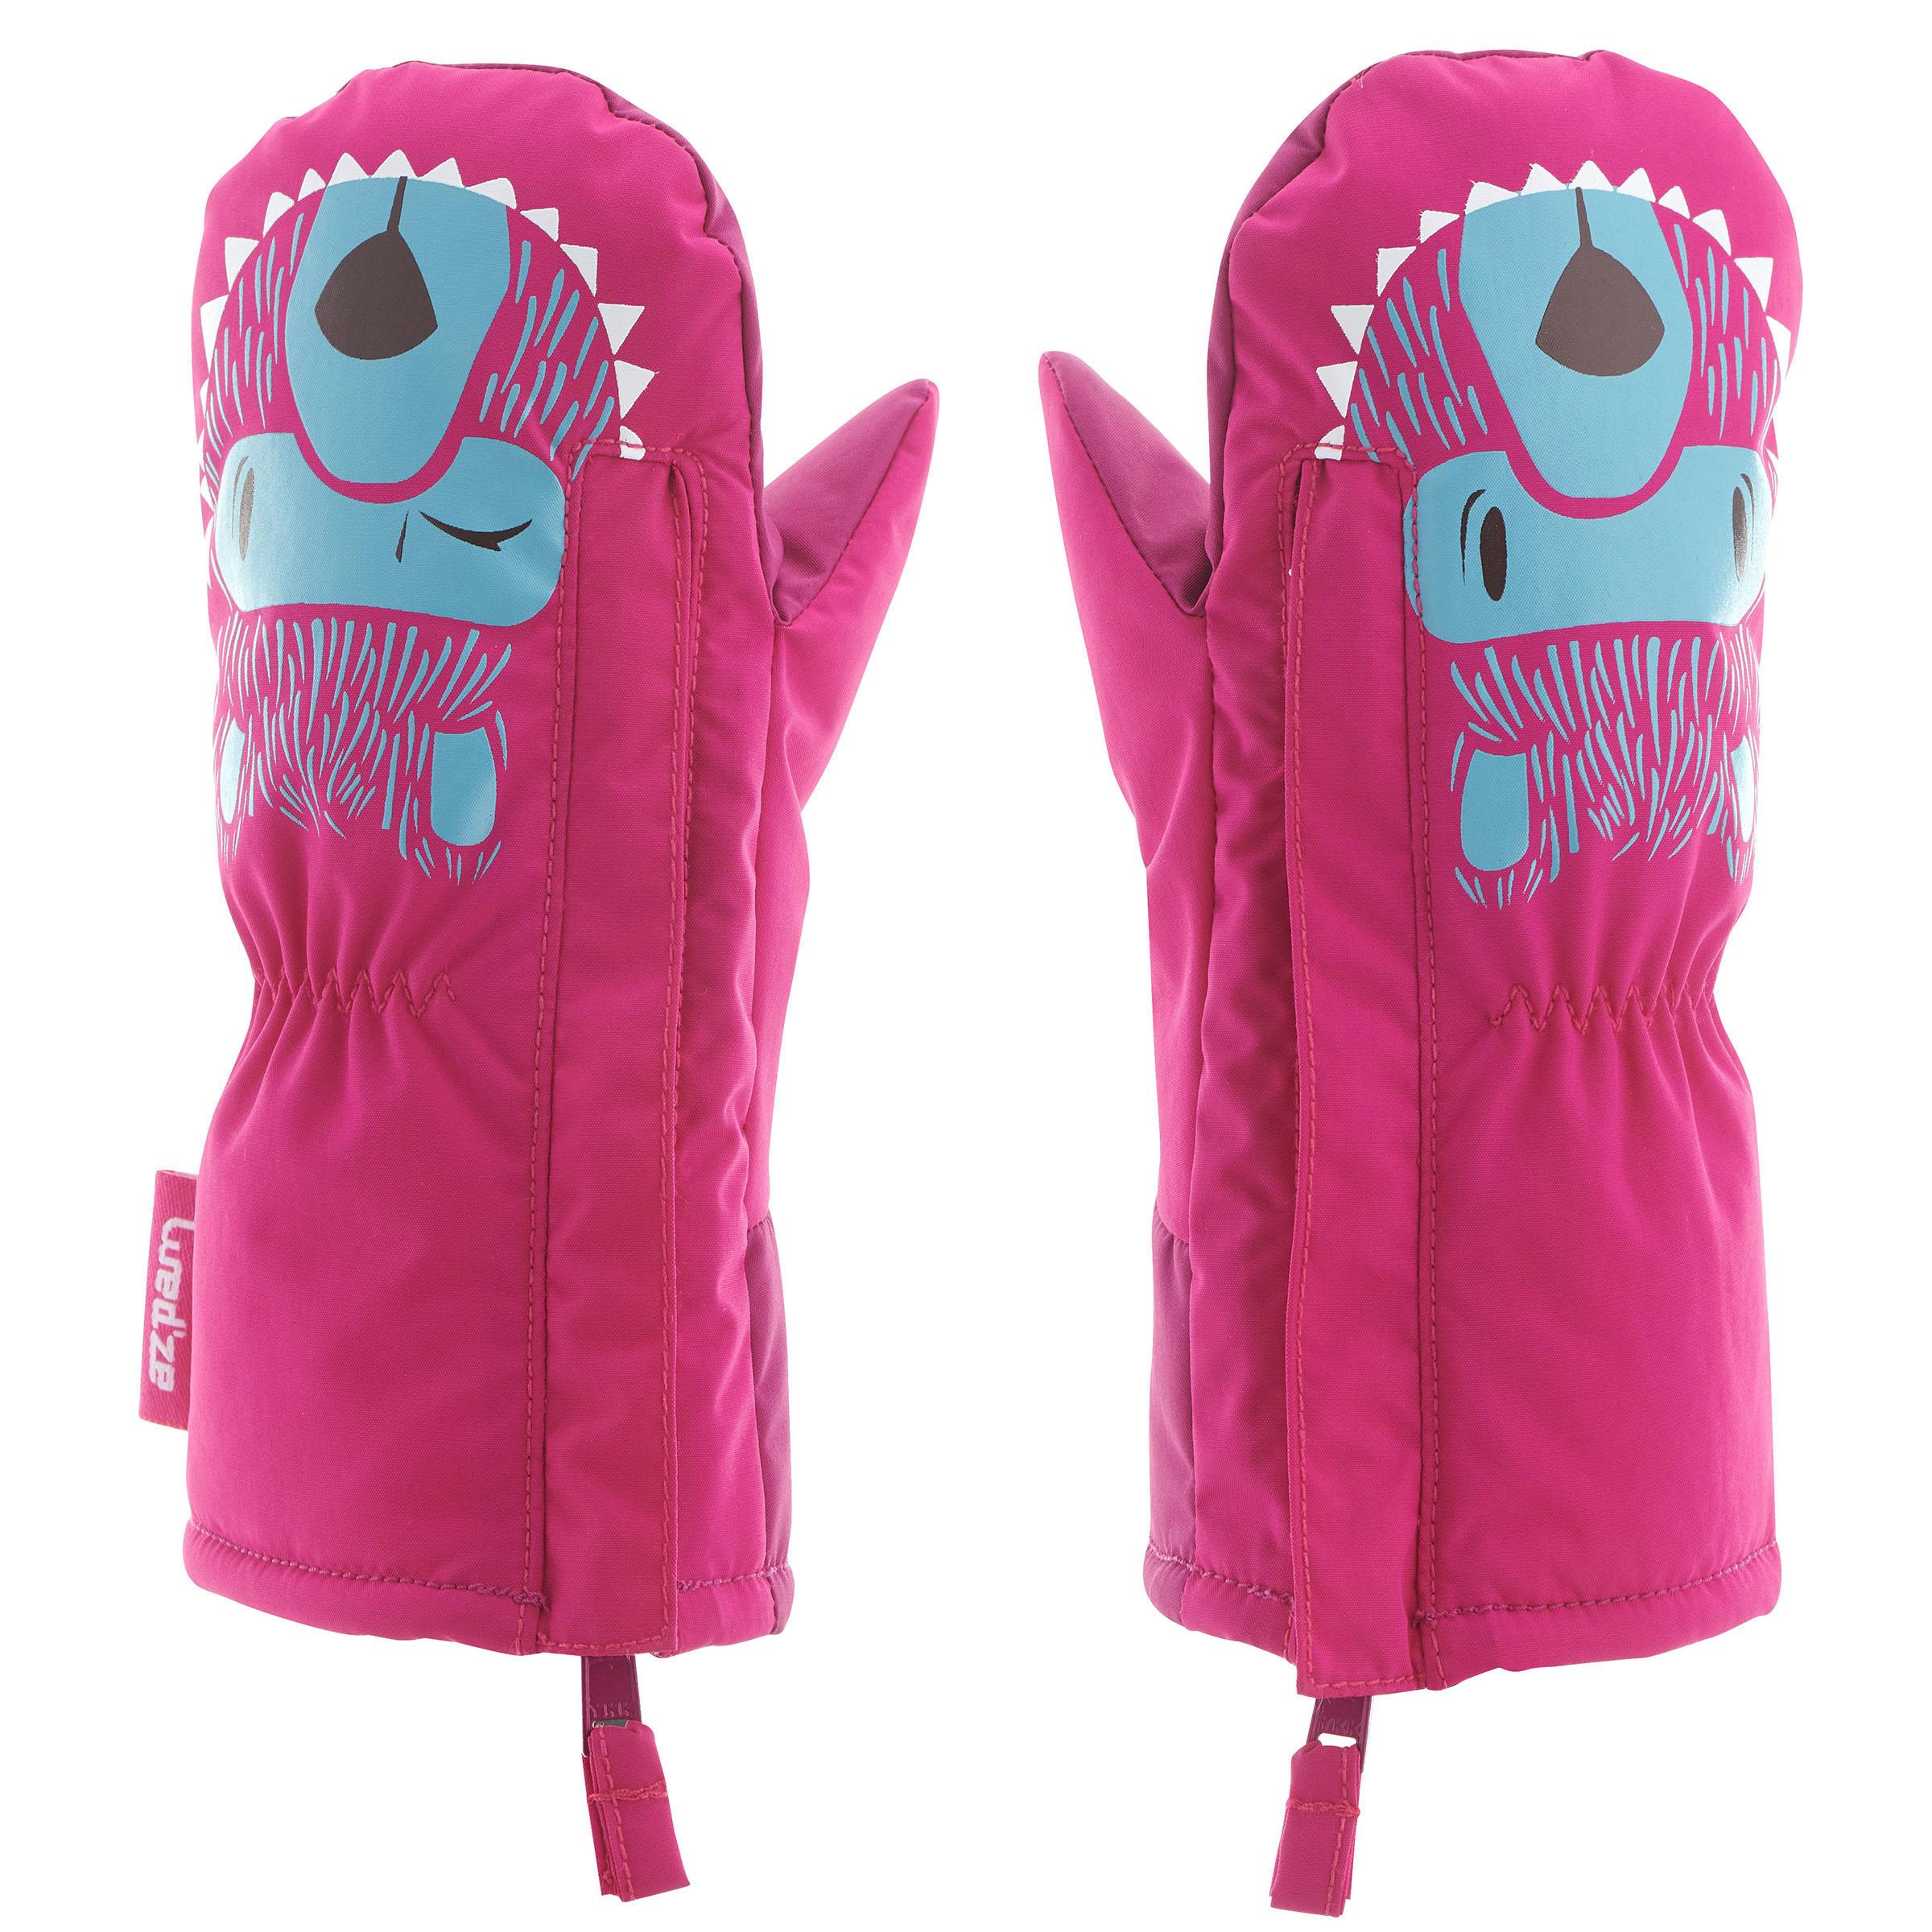 100% de qualité supérieure énorme inventaire haute couture Moufles de ski / luge bébé WARM bleues